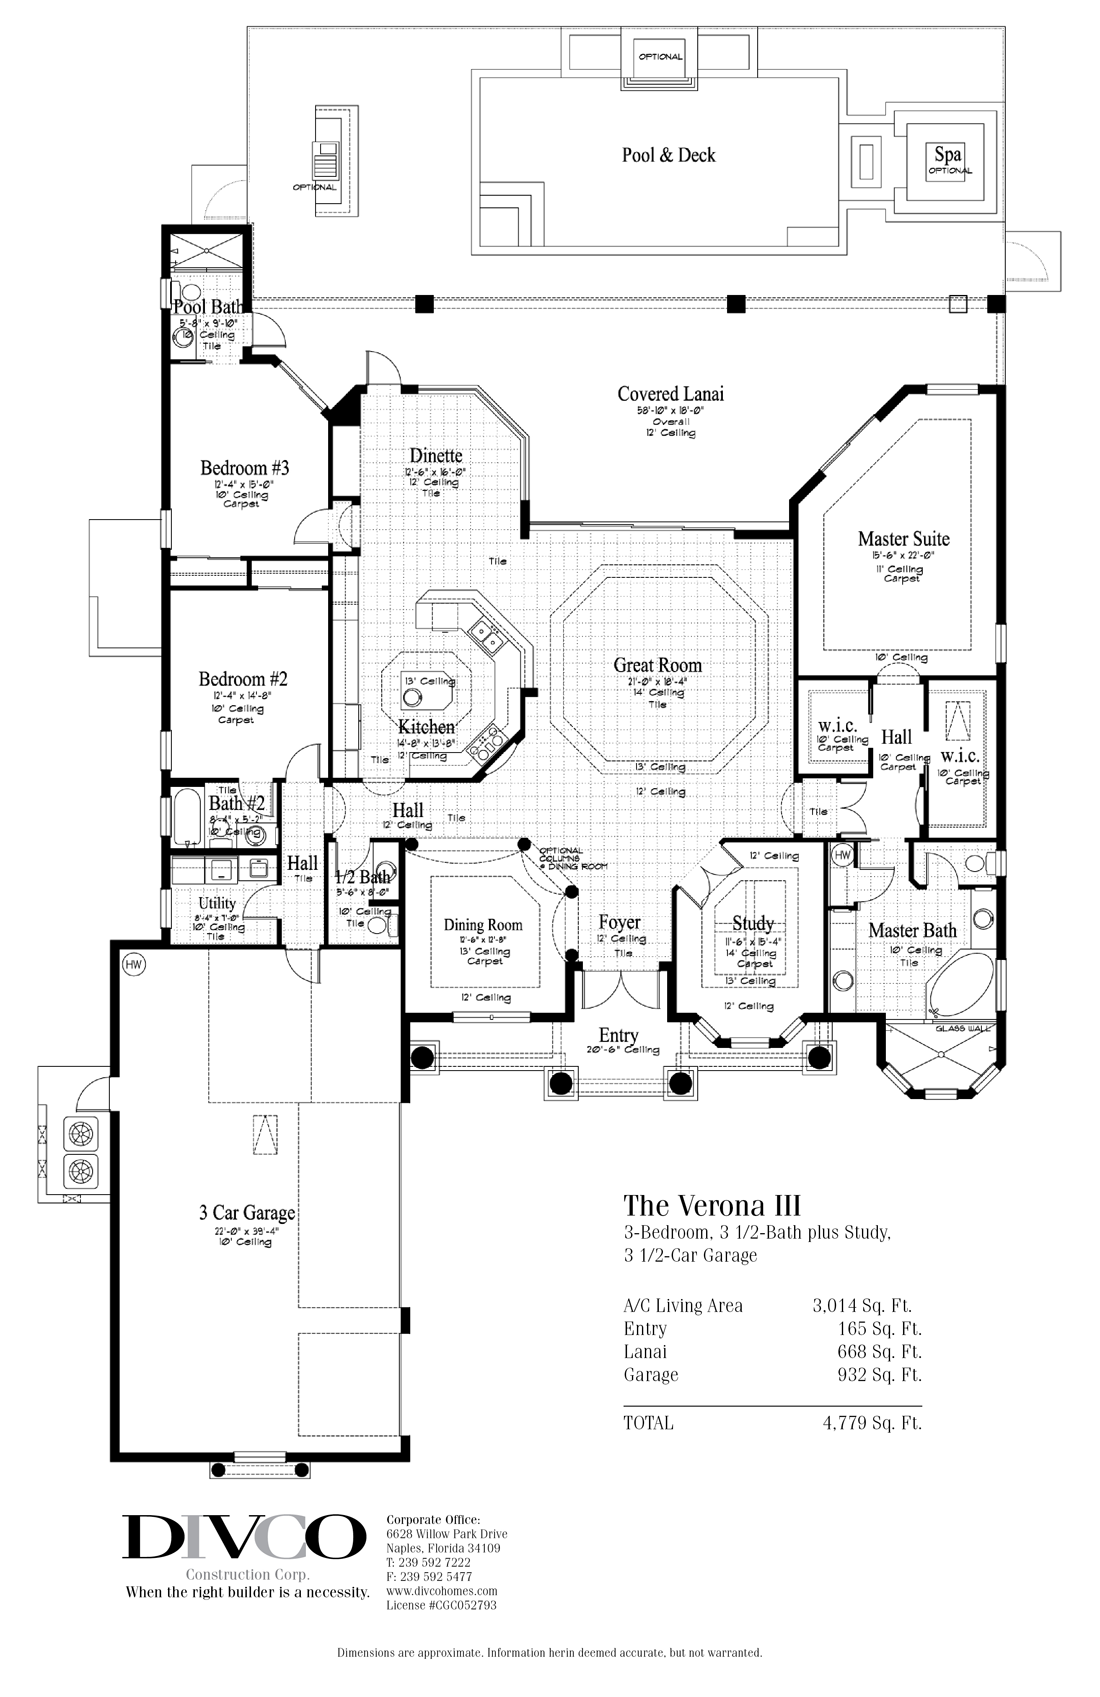 Luxury Home Floor Plans   Custom Home Builder Naples Florida   DIVCO FLOOR  PLAN The Verona